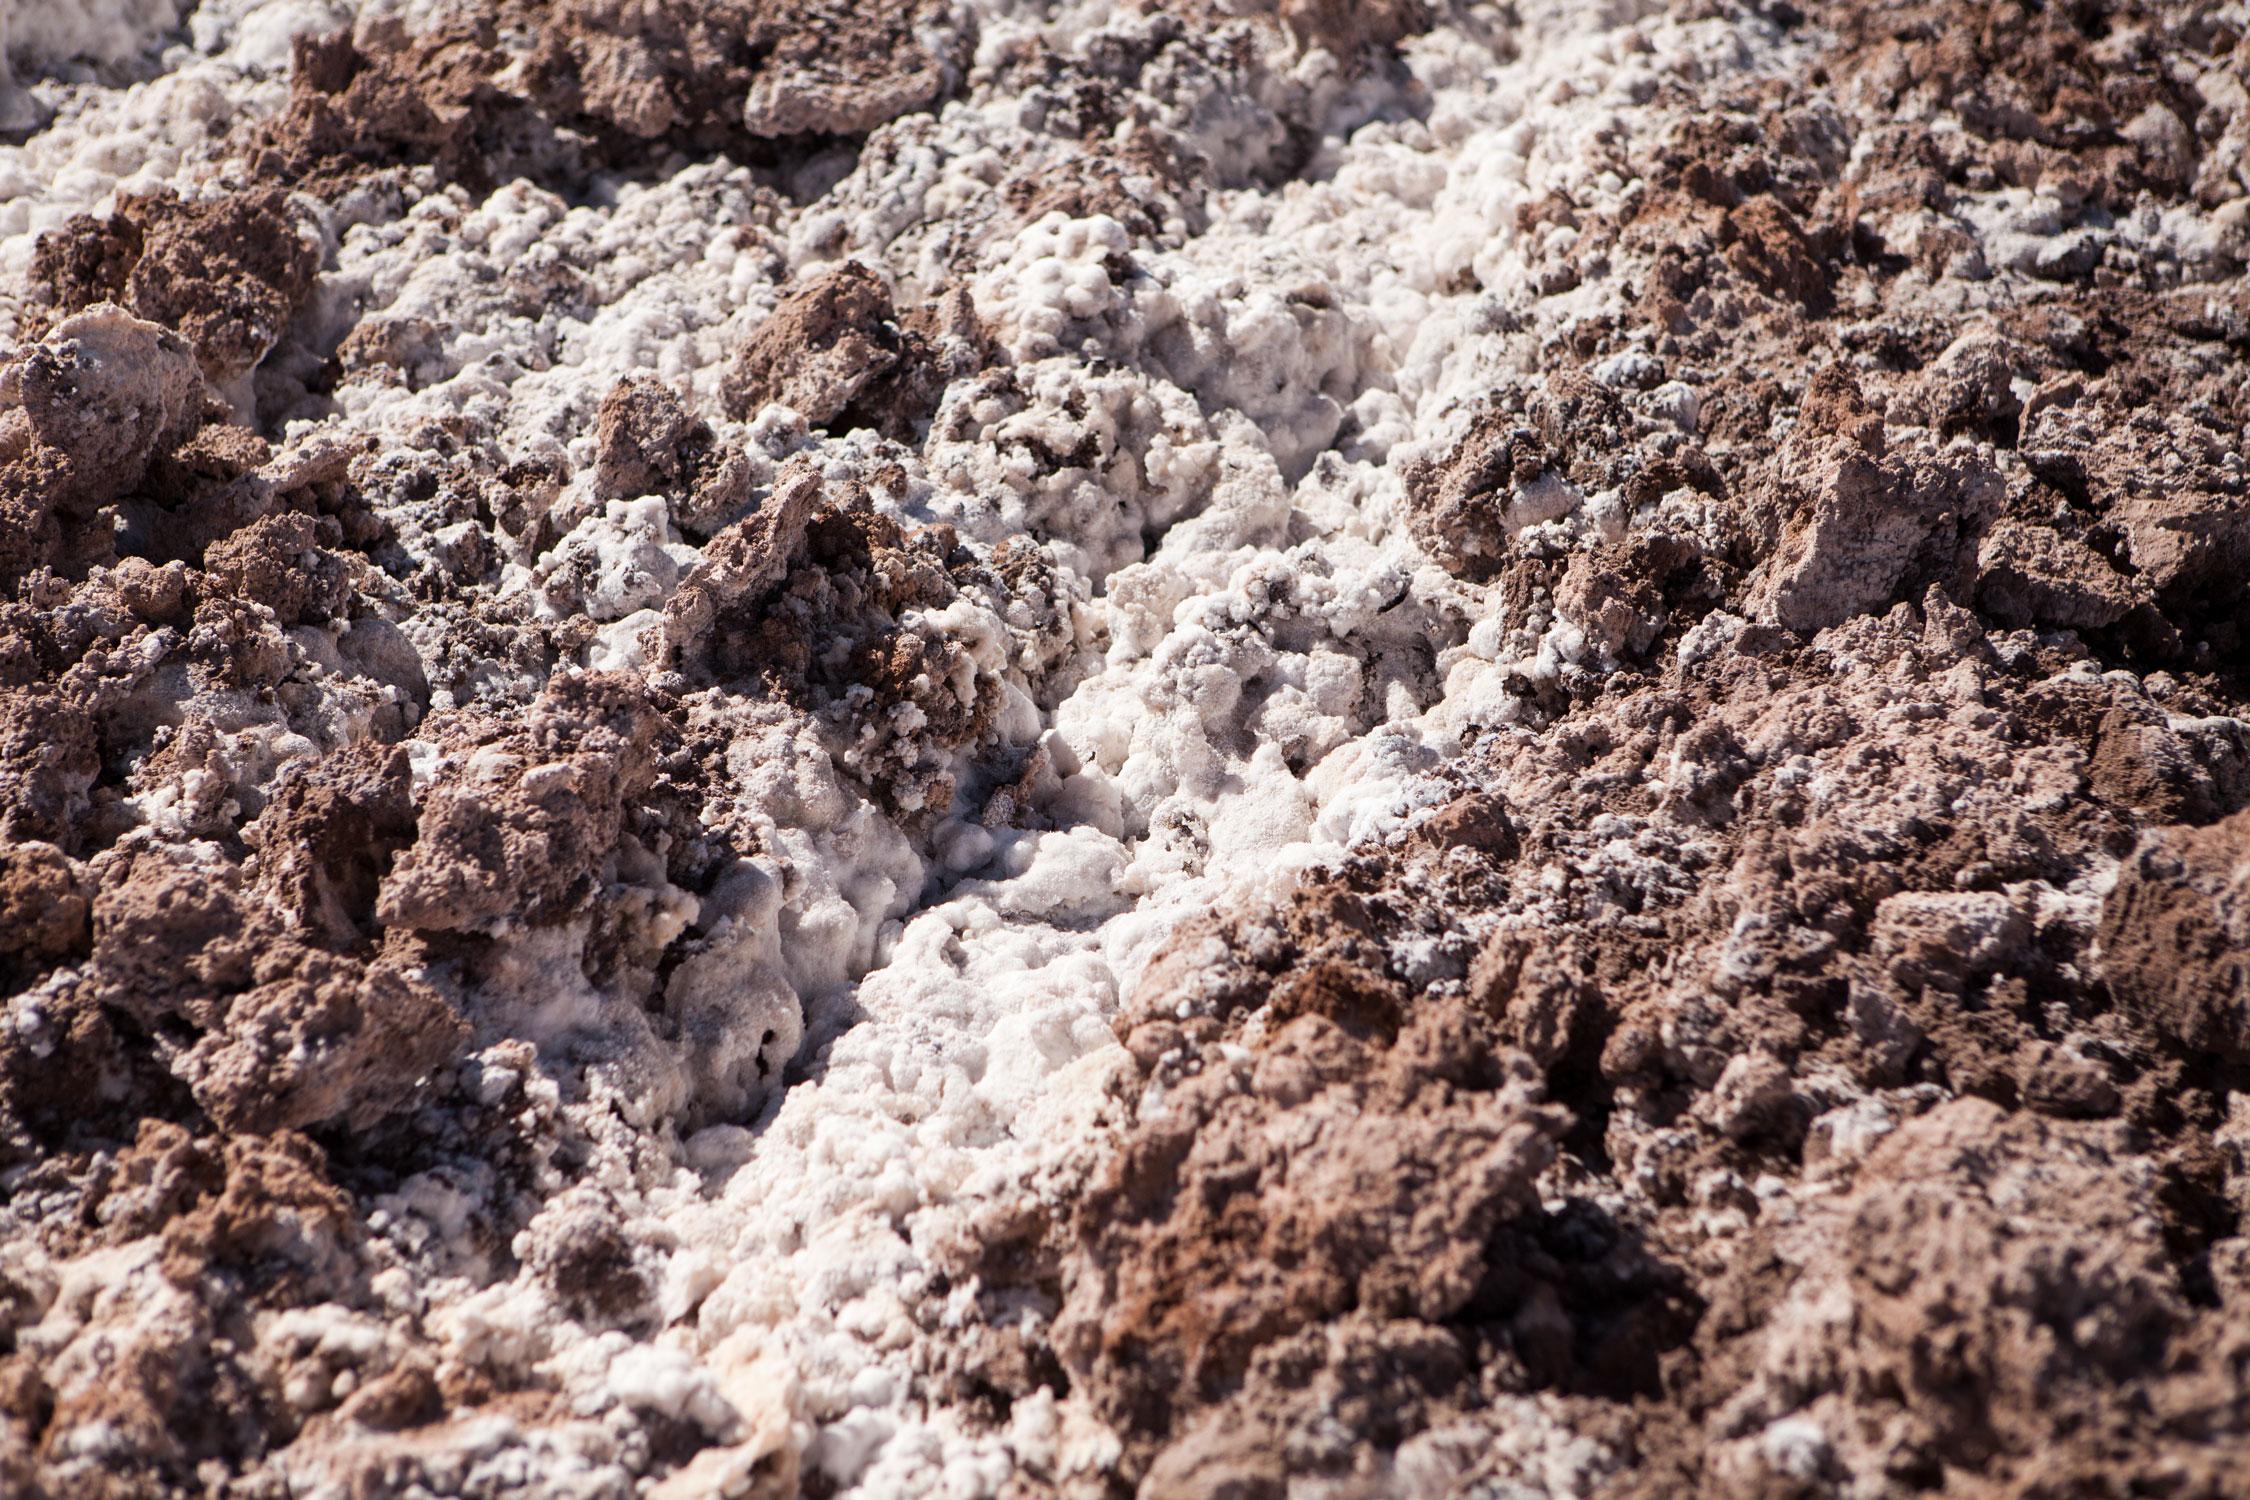 atacama-desert-chile-wander-south-salt-flats-texture-2.jpg